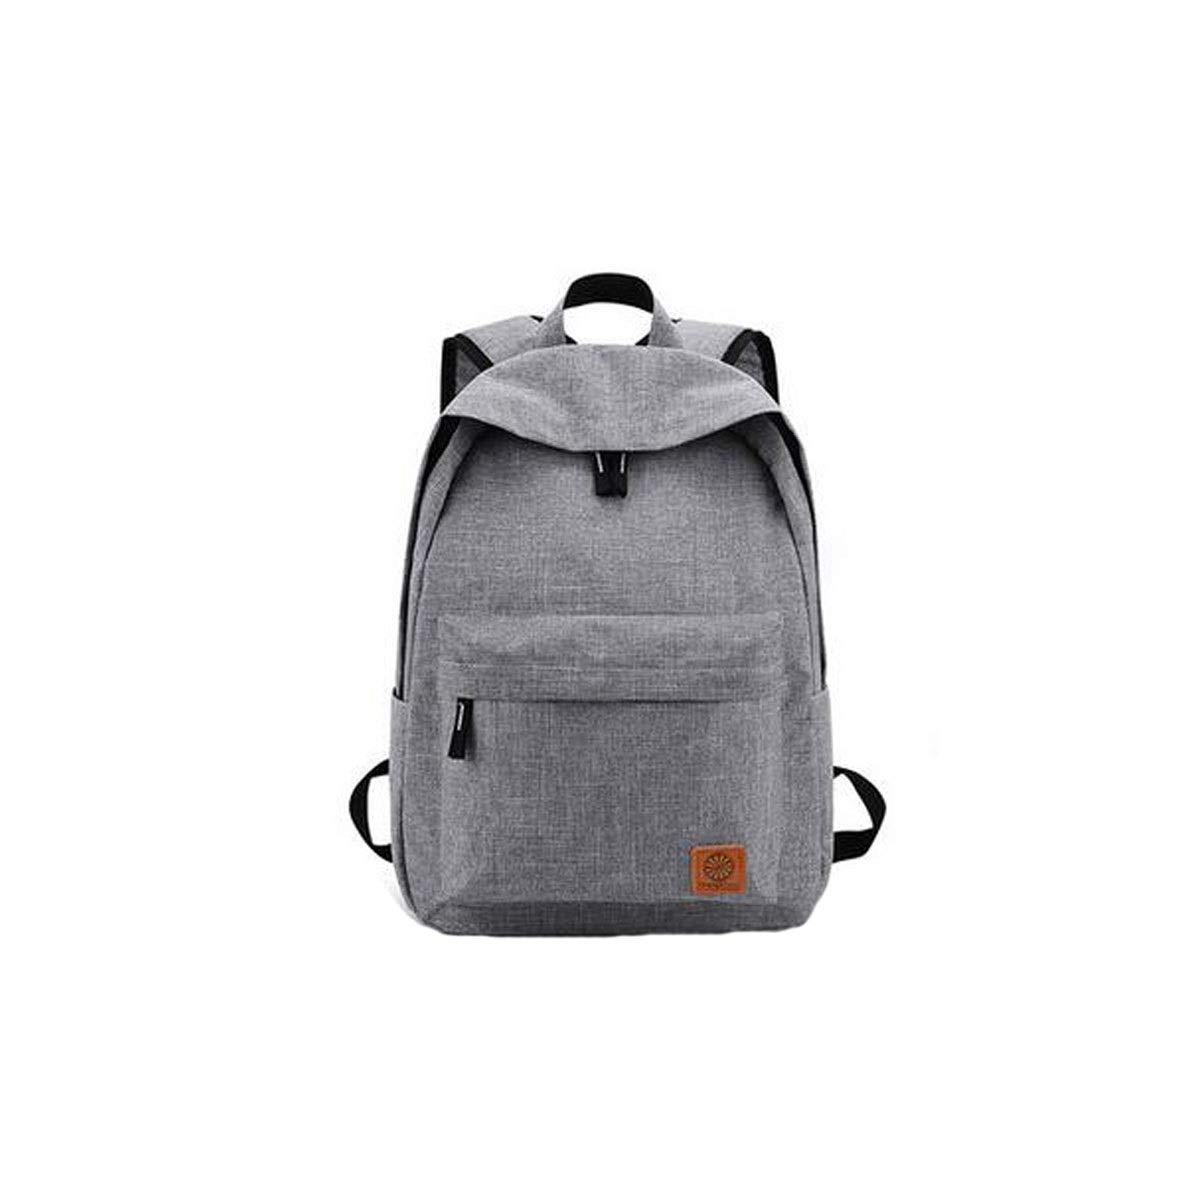 Chenjinxiang ファッション ビジネス シンプル コンピューター バックパック、旅行、レジャー ファッショントレンド カレッジ 学生バッグ (ブラック、グレー、ブルー) グレー